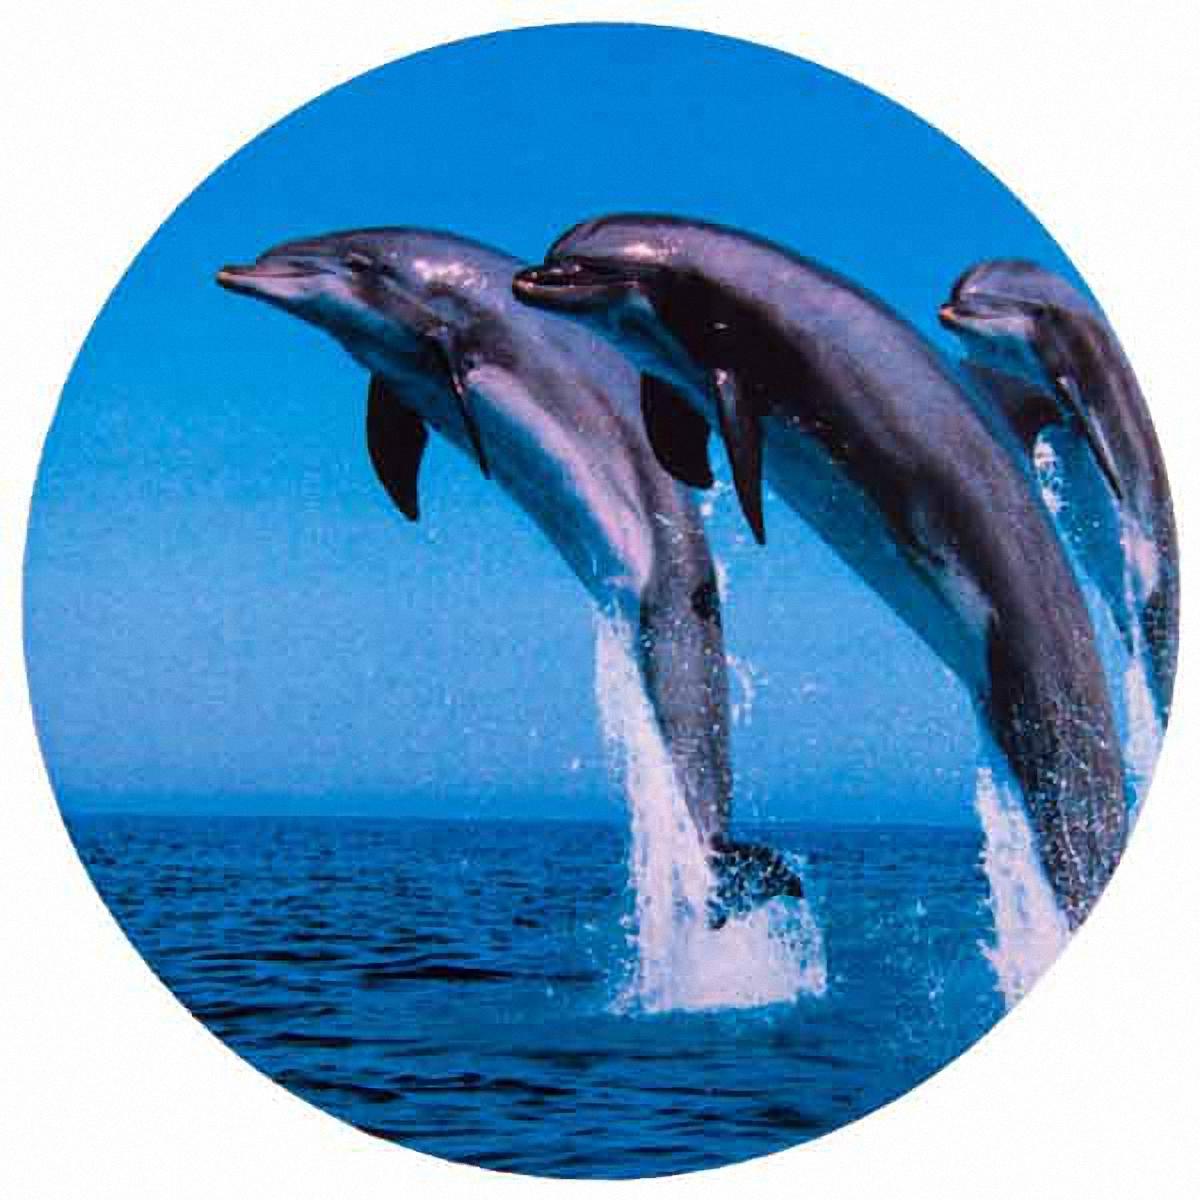 Чехол на запасное колесо Skyway Дельфины, диаметр 67 смS06301011Чехол Skyway Дельфины обеспечивает защиту запасного колеса автомобиля от загрязнений, прямых солнечных лучей, воздействия воды, посторонних предметов, агрессивных сред и других негативных факторов. Чехол изготовлен из прочной экокожи, которая легко моется и надолго сохраняет внешний вид. Чехол оформлен оригинальным изображением дельфинов и снабжен резинкой для легкого надевания. Благодаря чехлу, колесо сохранит свой внешний вид и характеристики. Размер колеса: R15.Диаметр чехла: 67 см.